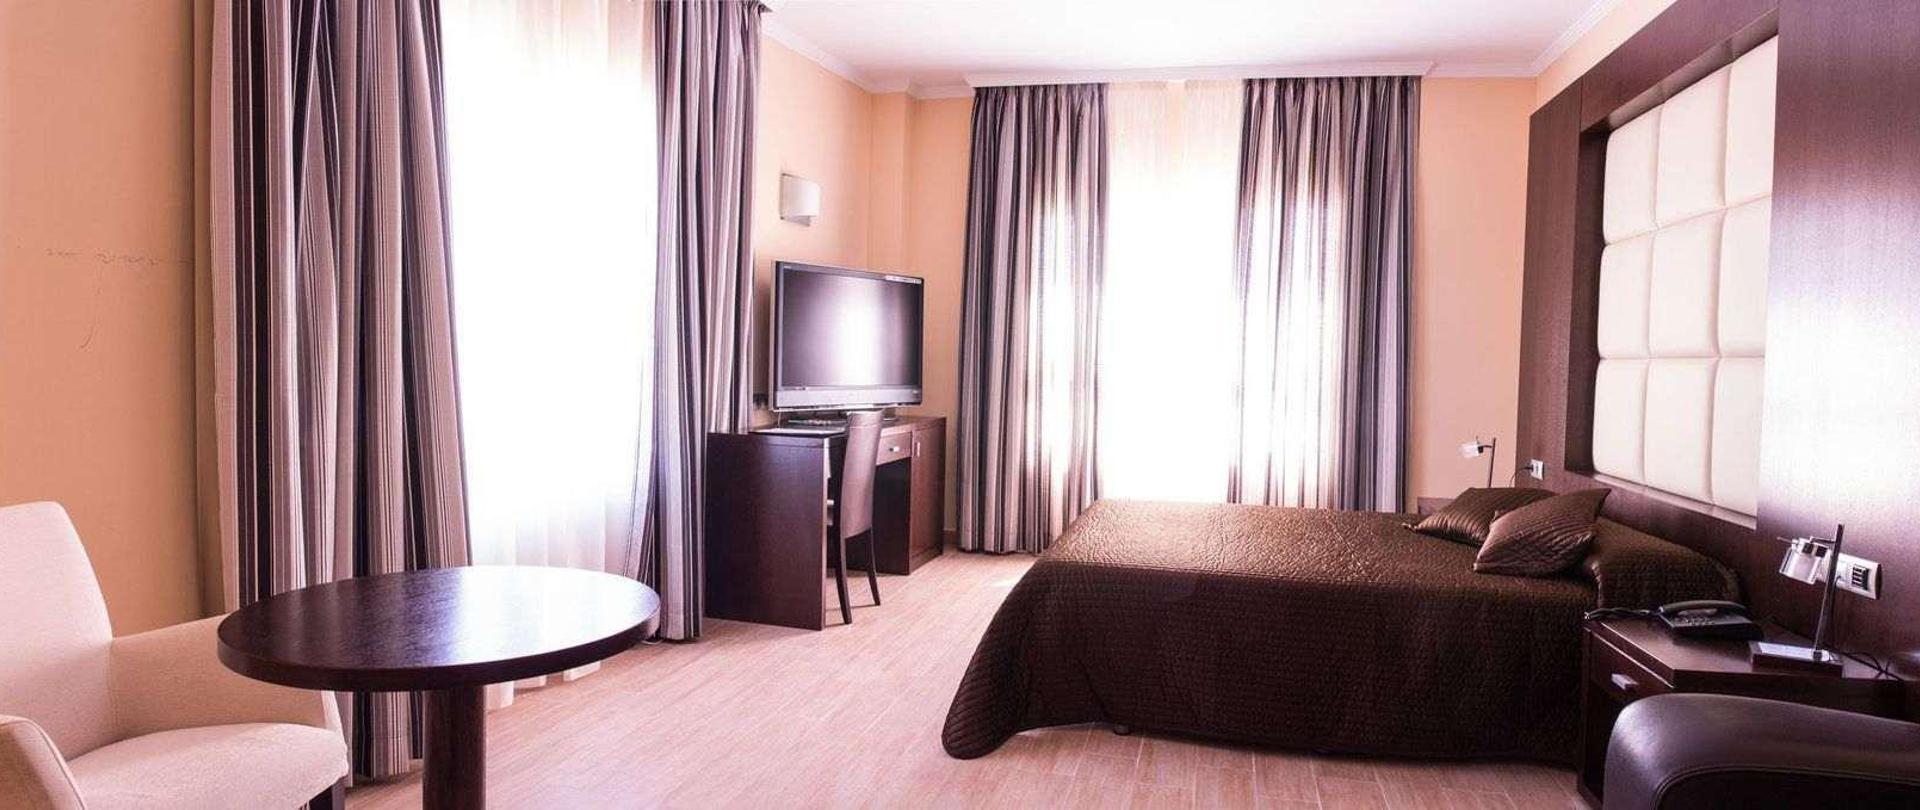 hotel-suite-1-12.jpg